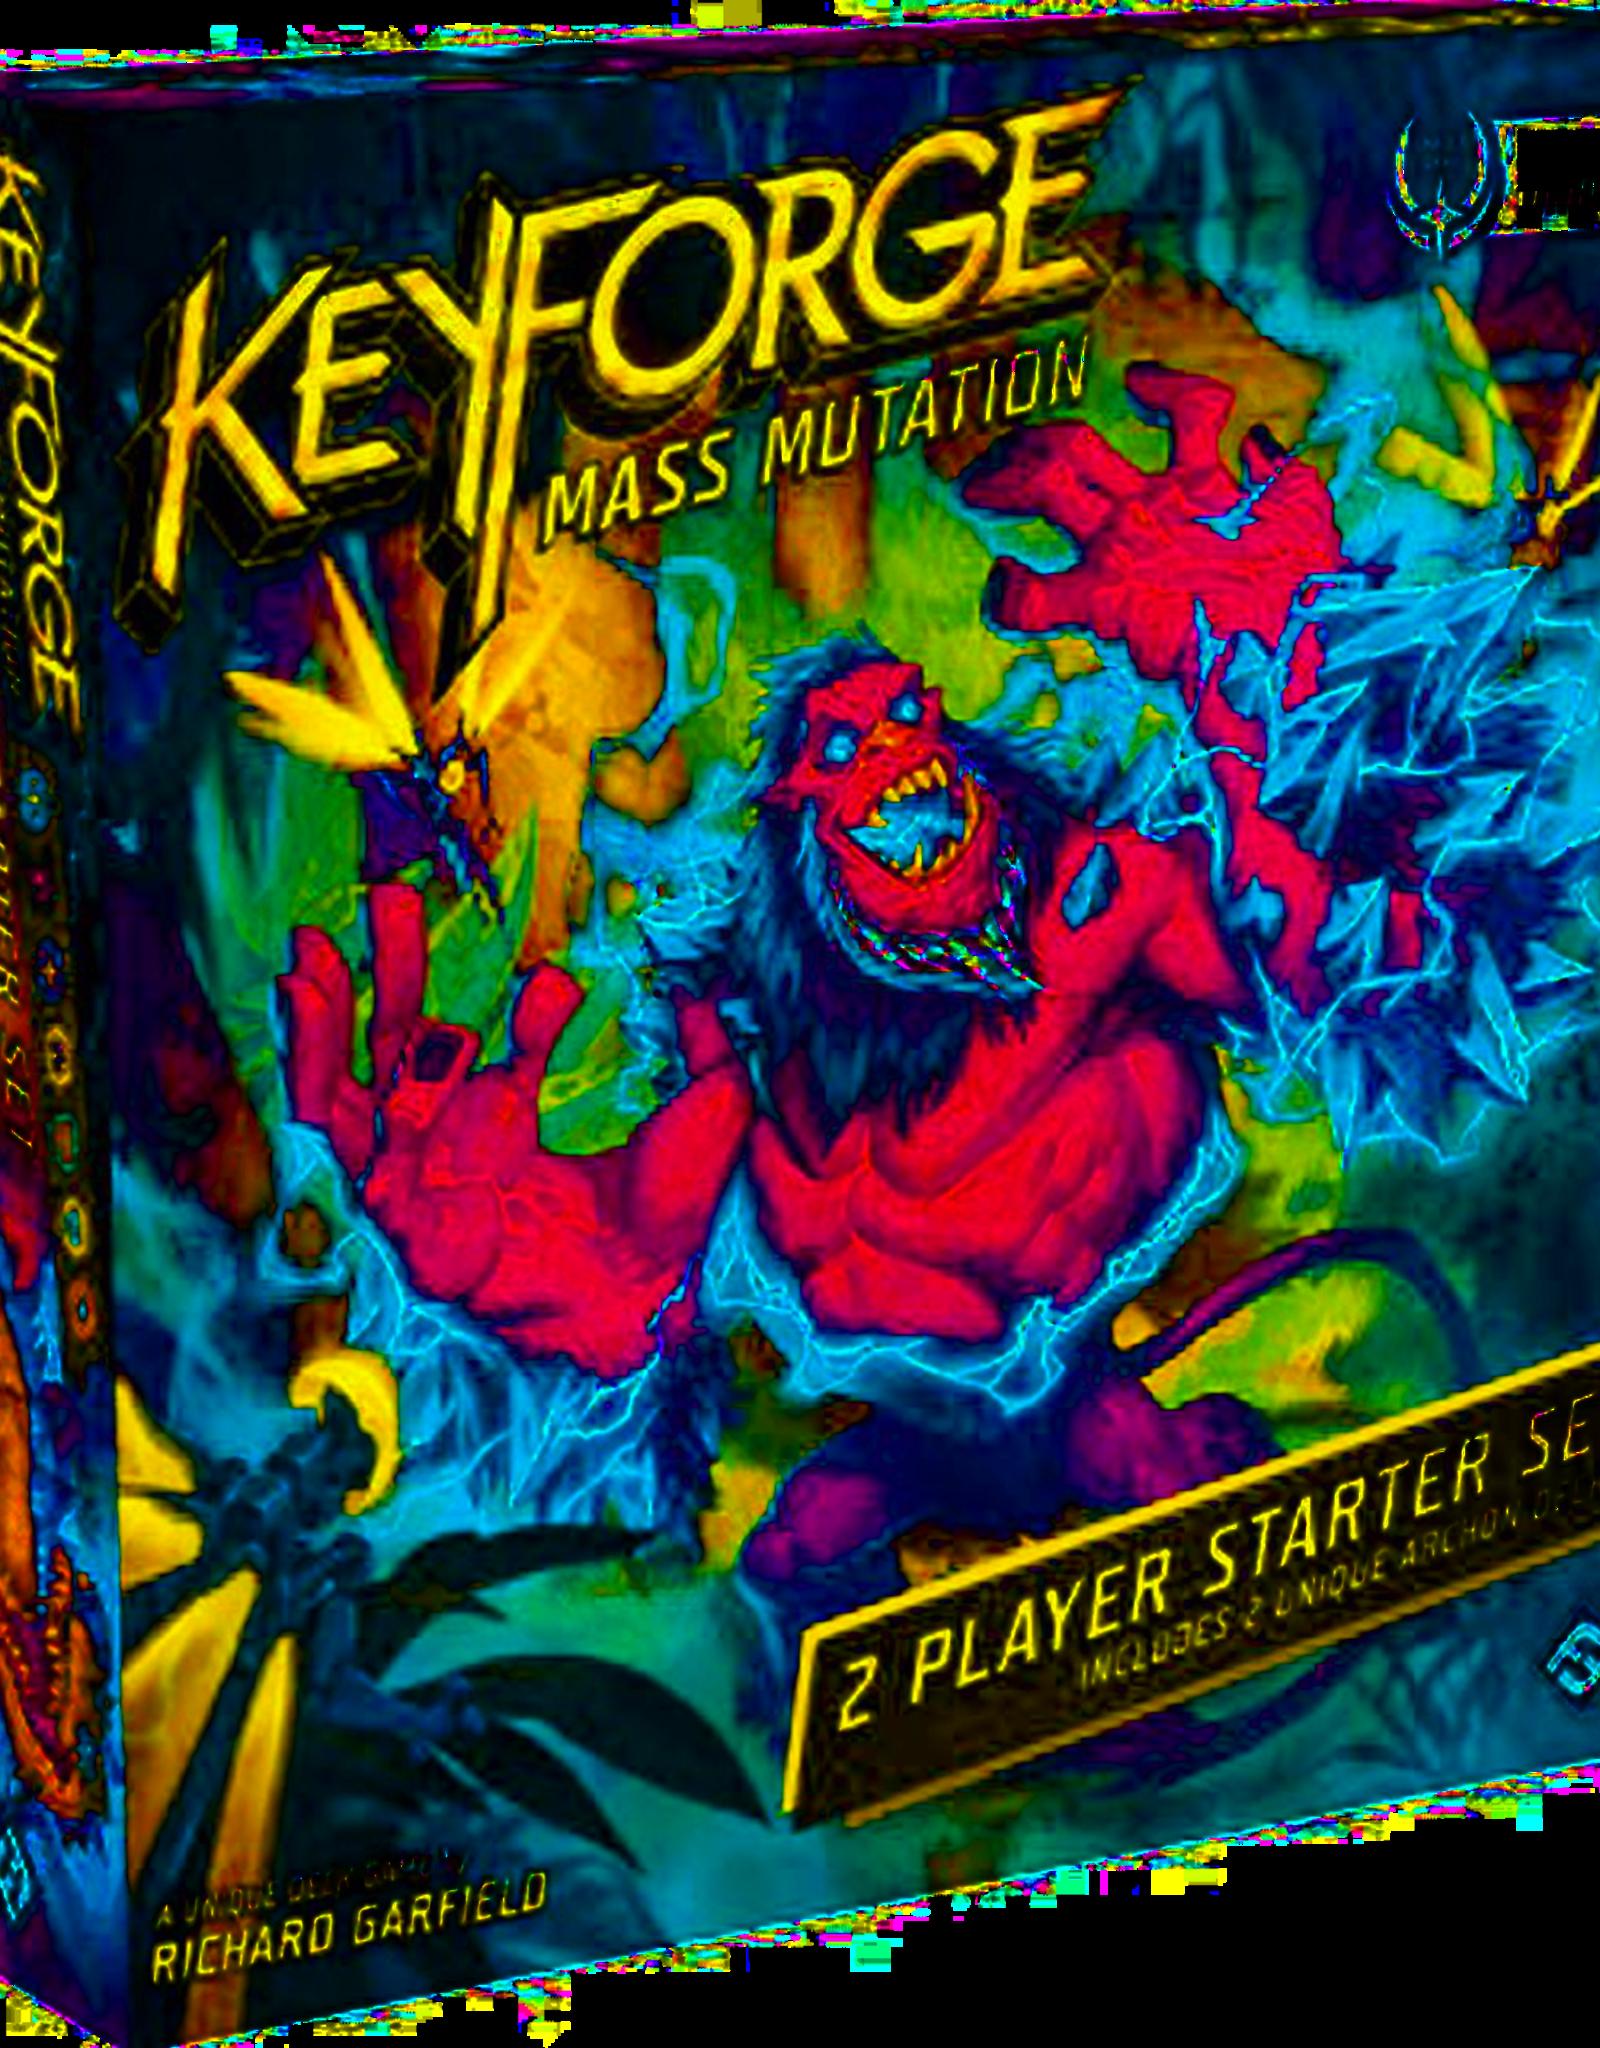 Preorder KeyForge Mass Mutation 2 Player Starter